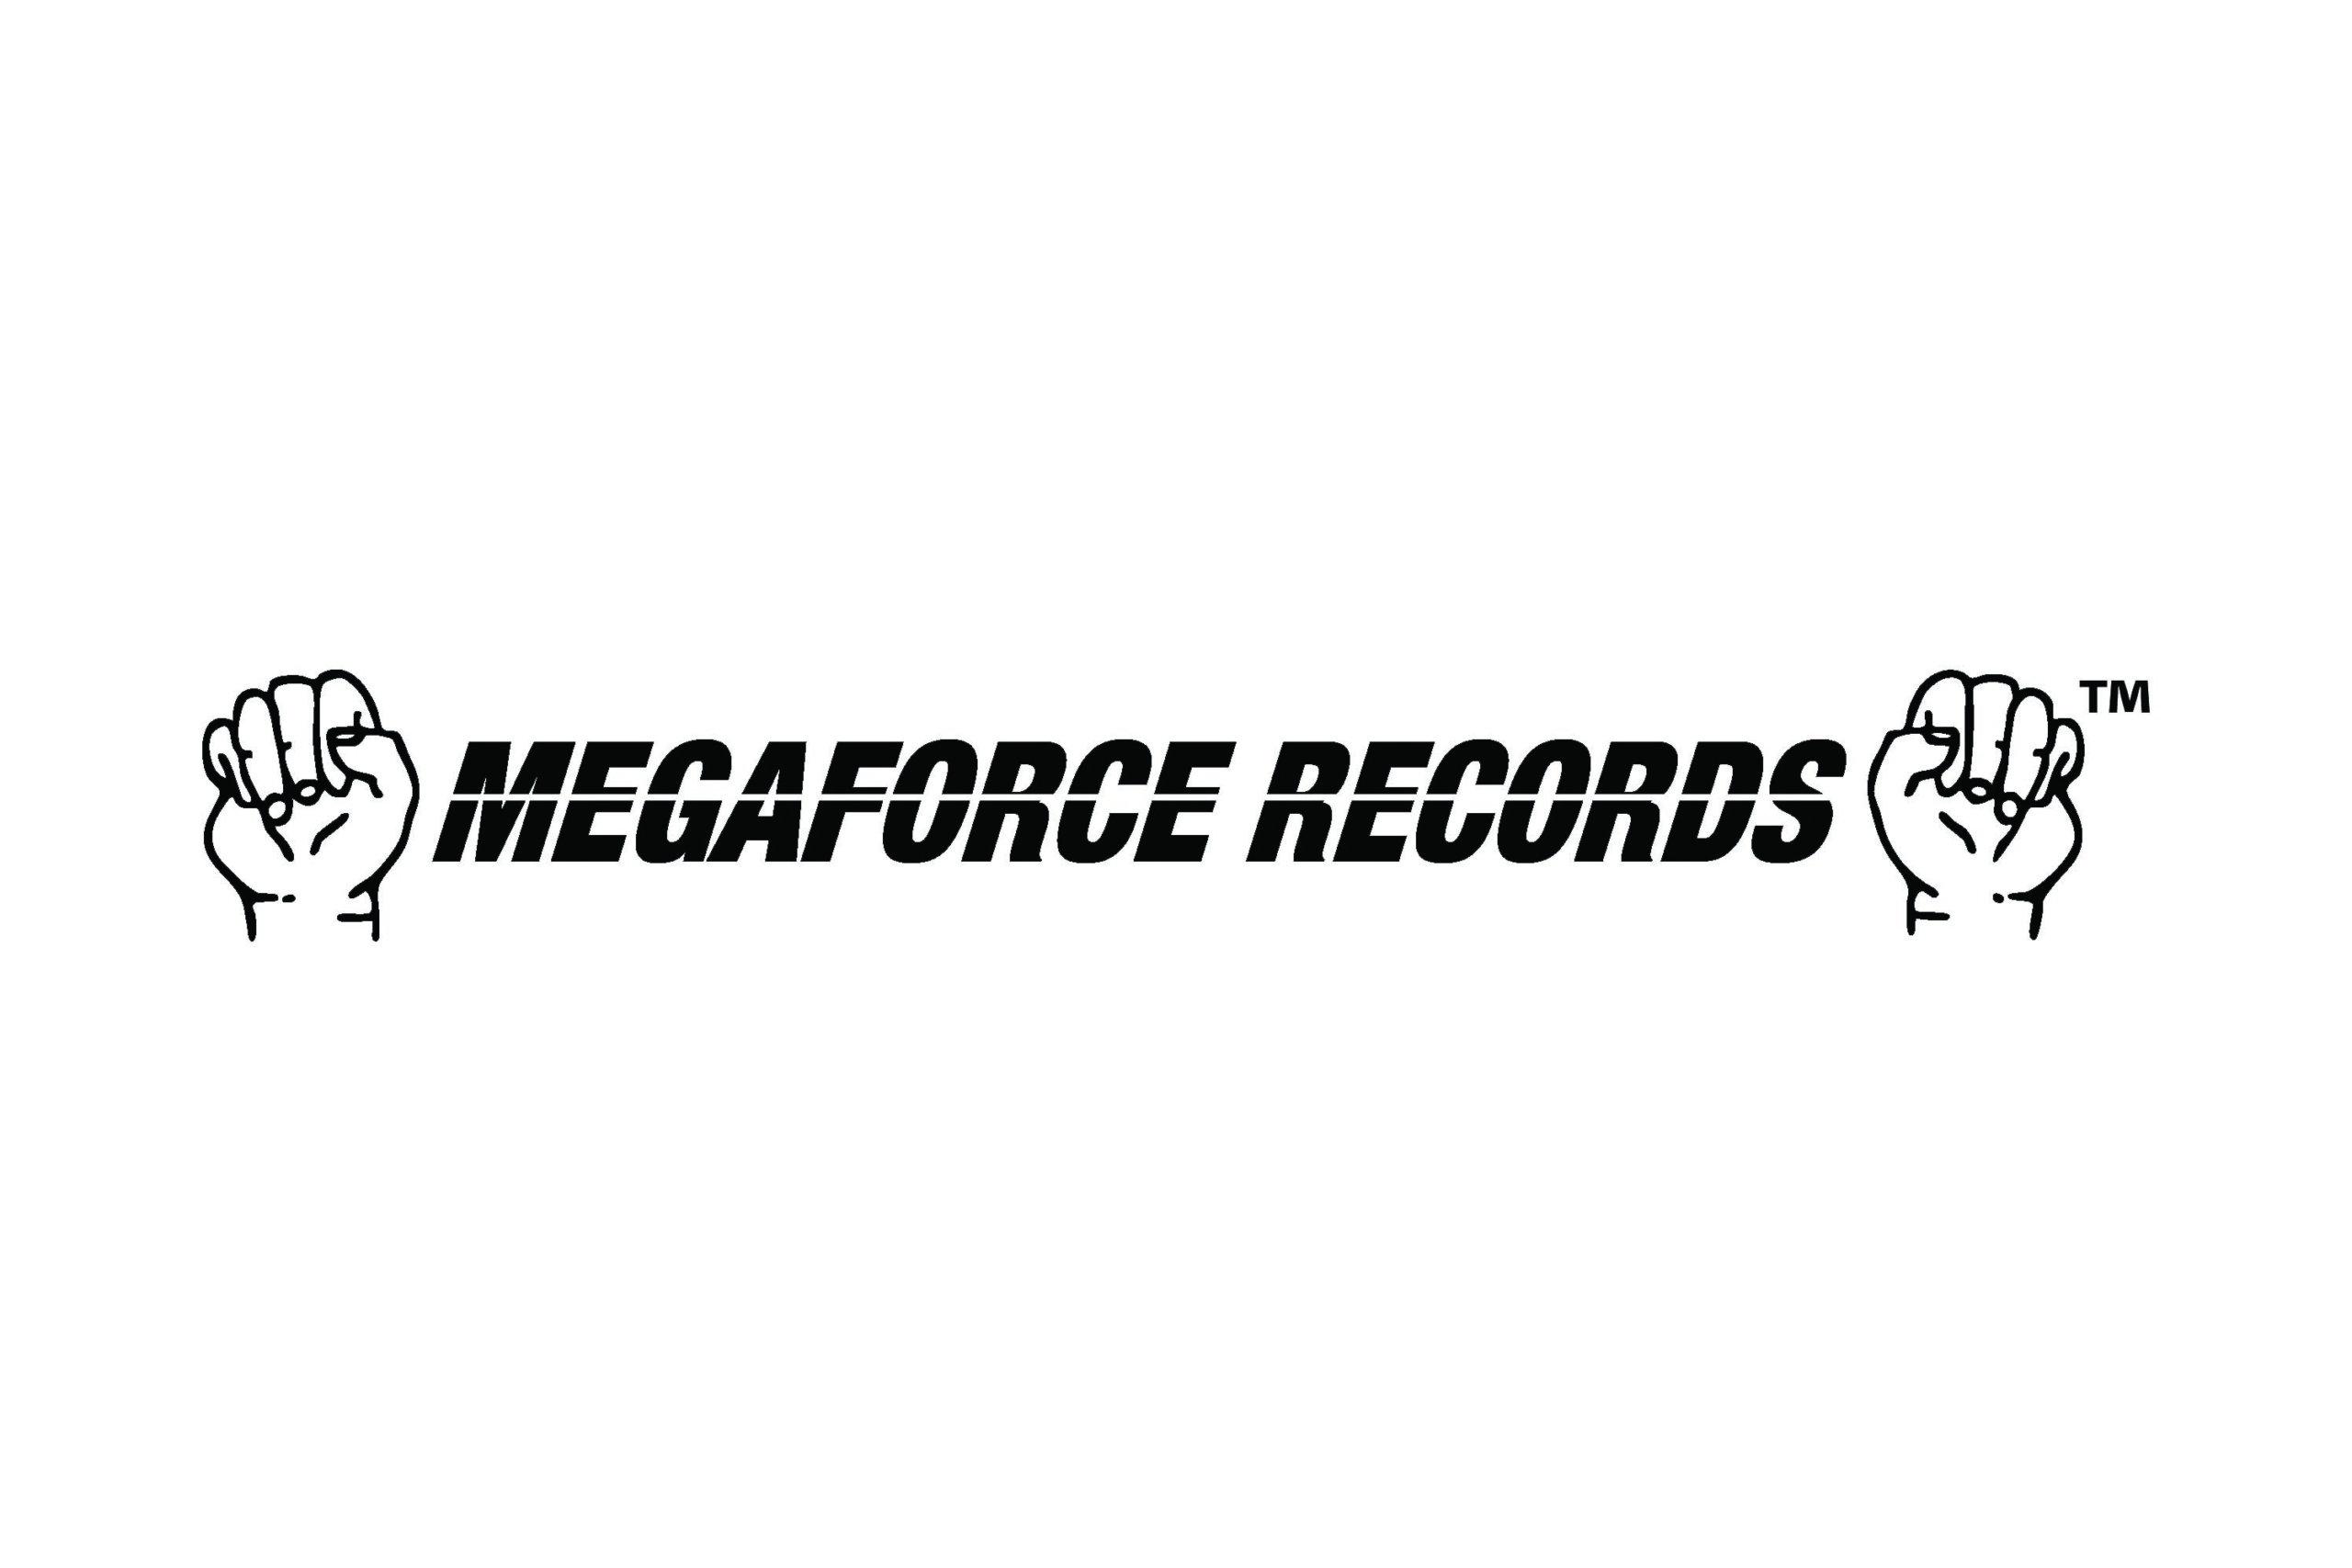 Megaforce Records/MRI